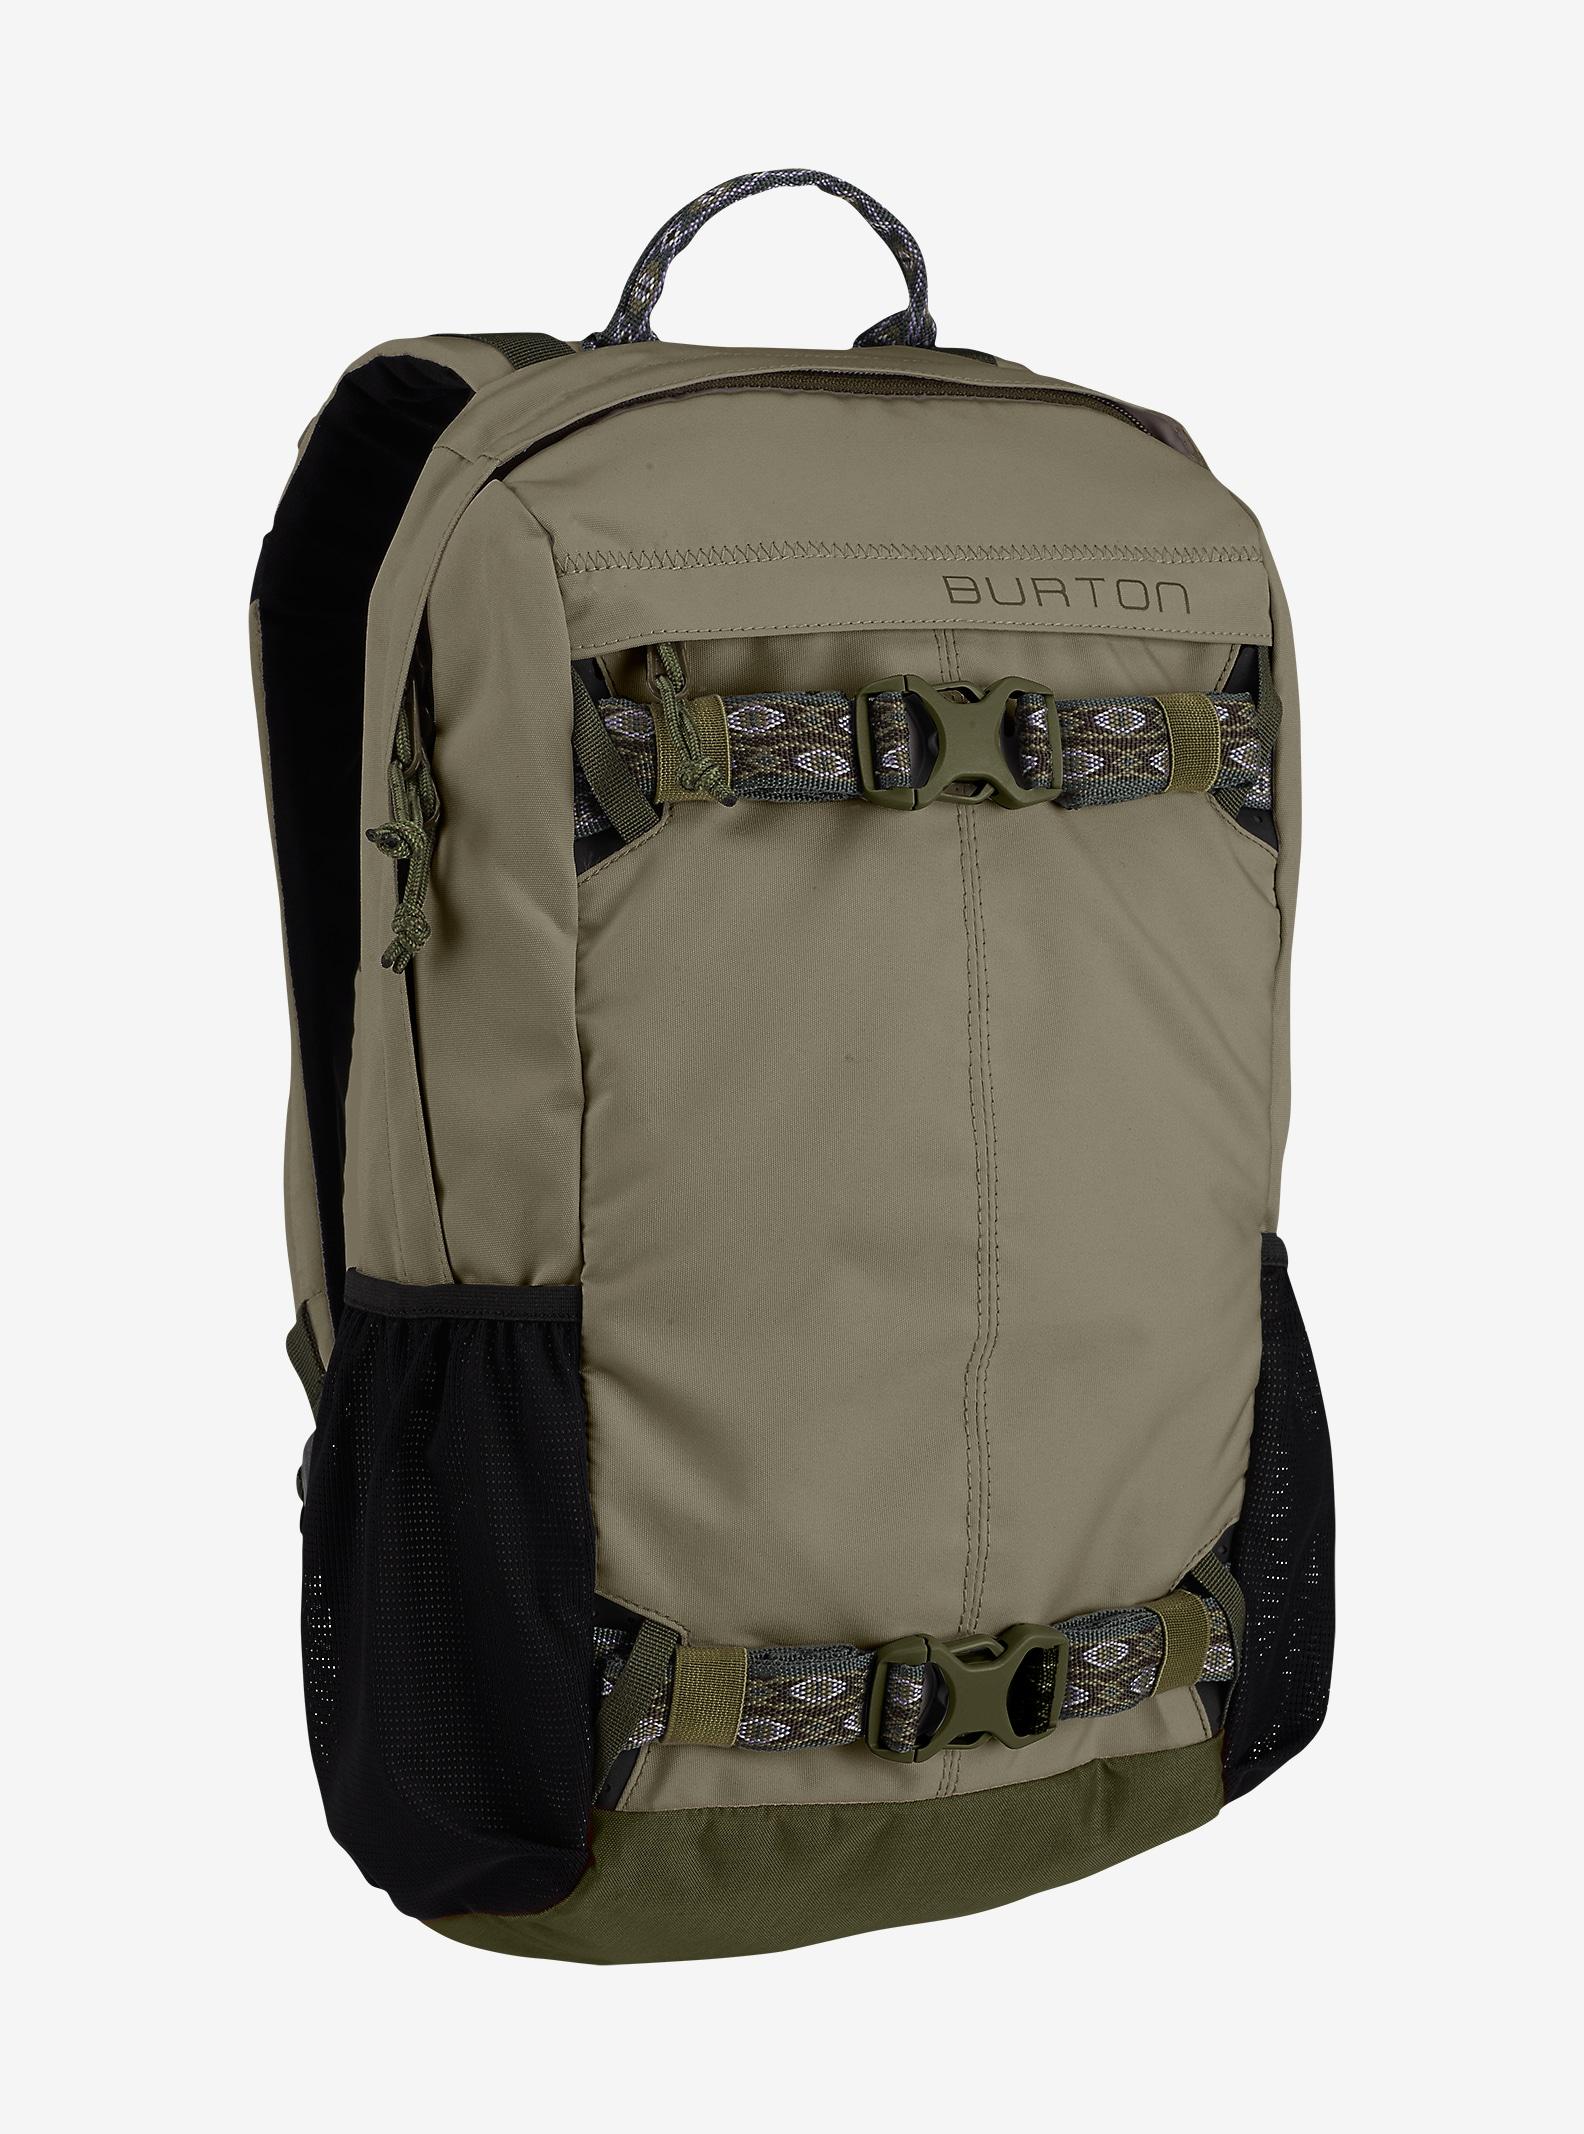 Burton Timberlite 15 l Rucksack für Damen angezeigt in Rucksack Cordura®